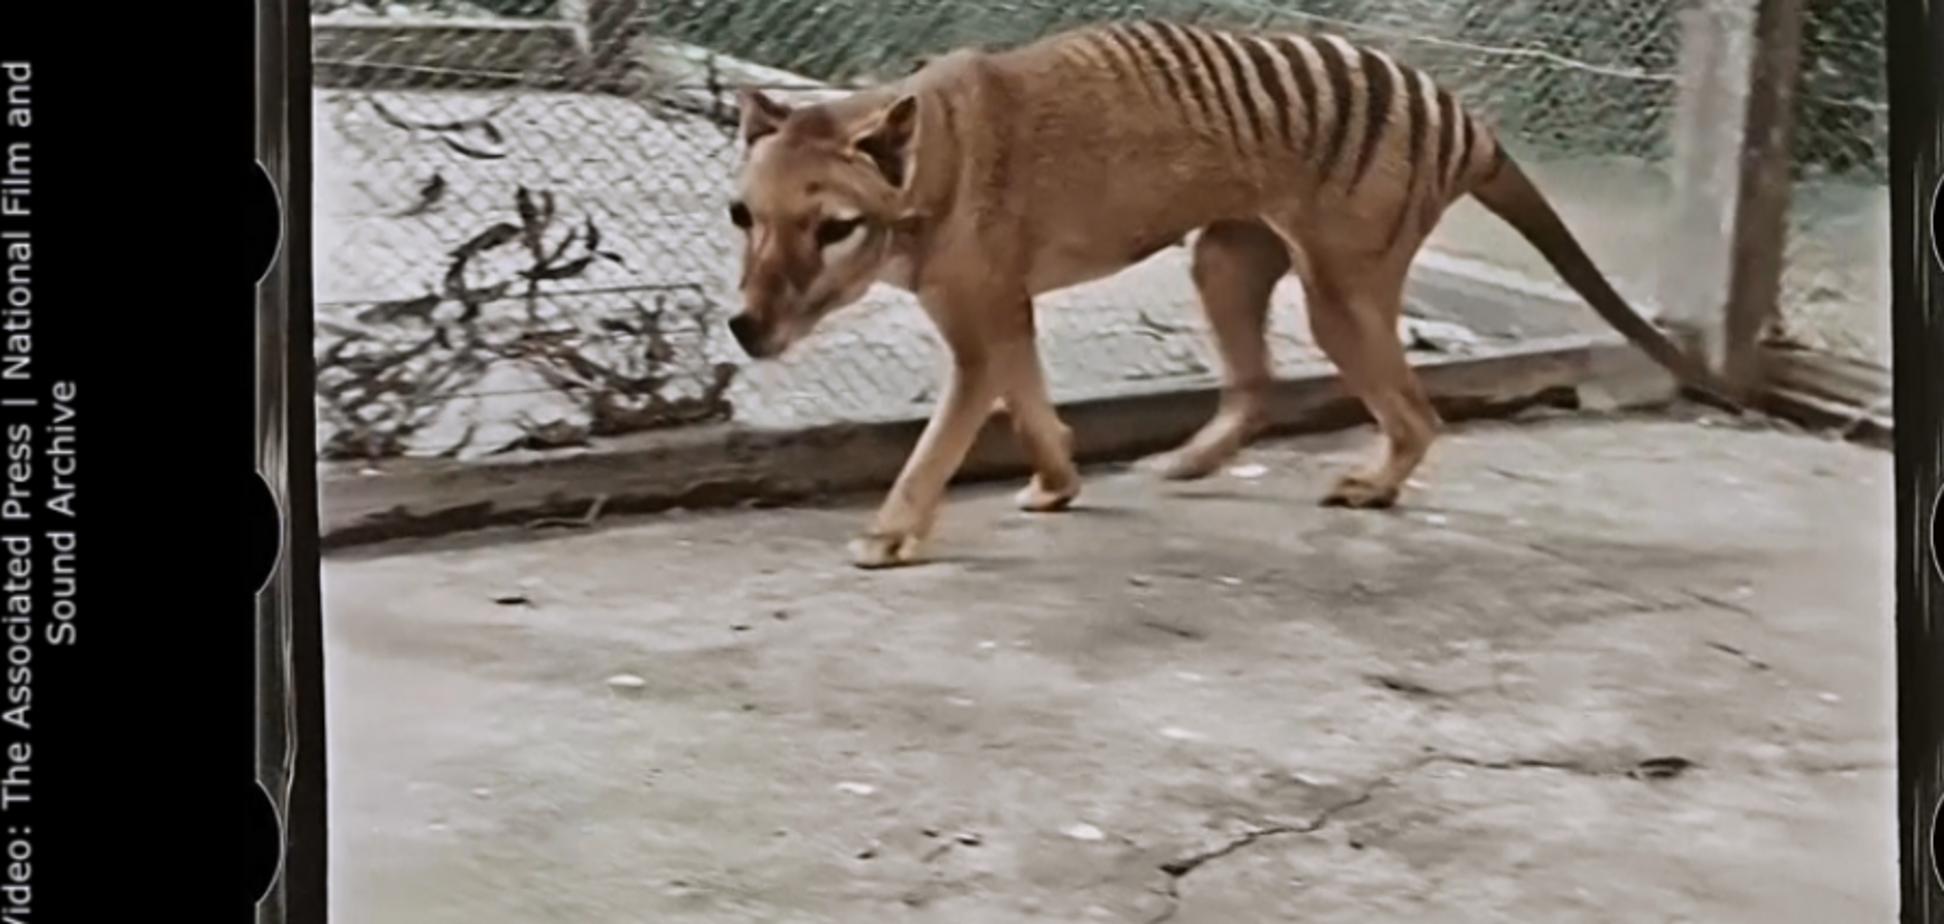 З'явилось кольорове відео із останнім у світі сумчастим тигром з Тасманії